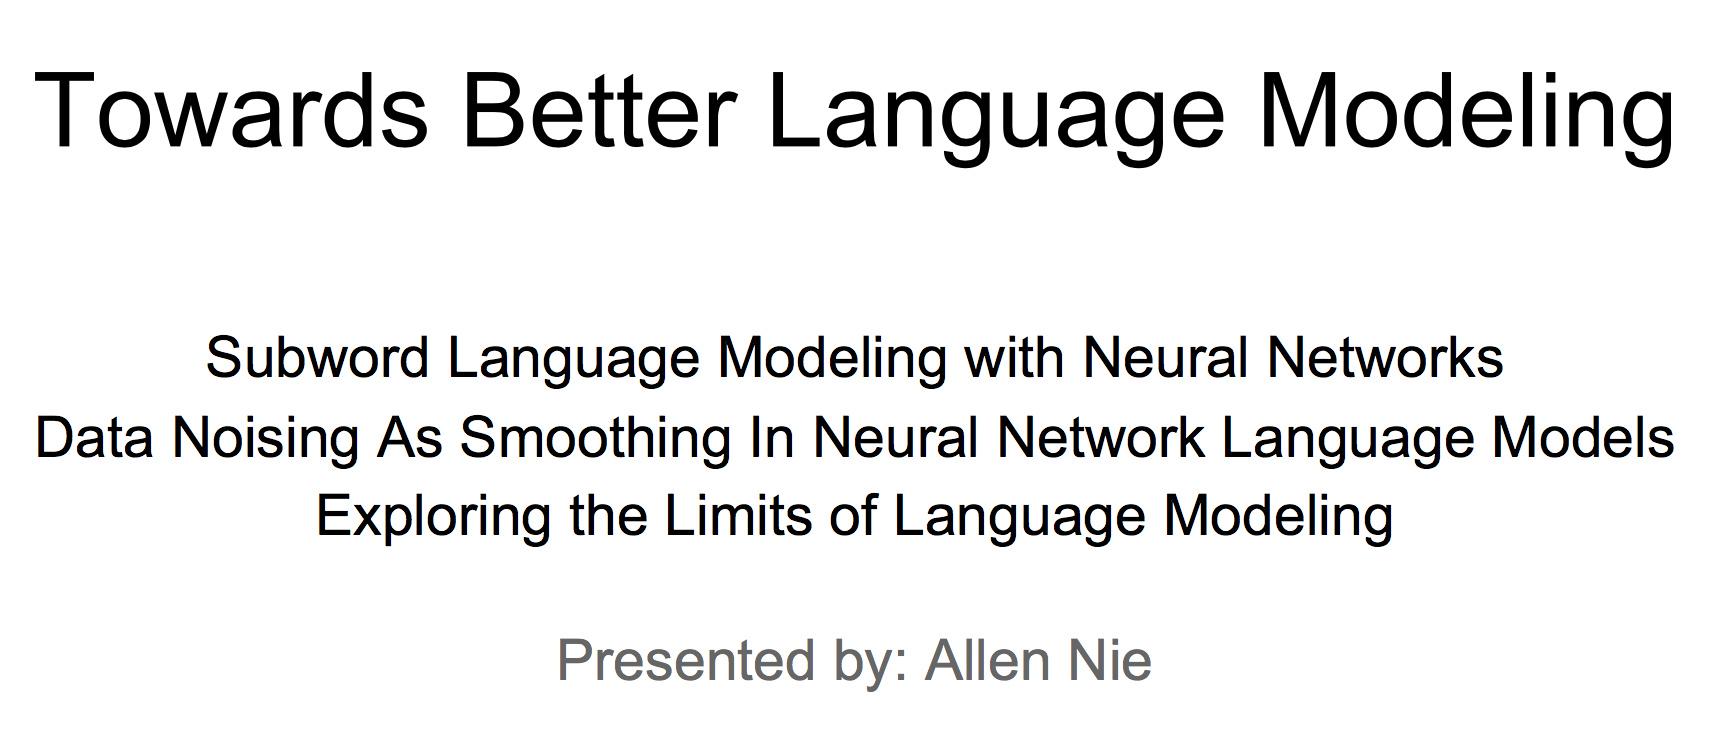 CS224n研究热点7 迈向更好的语言模型